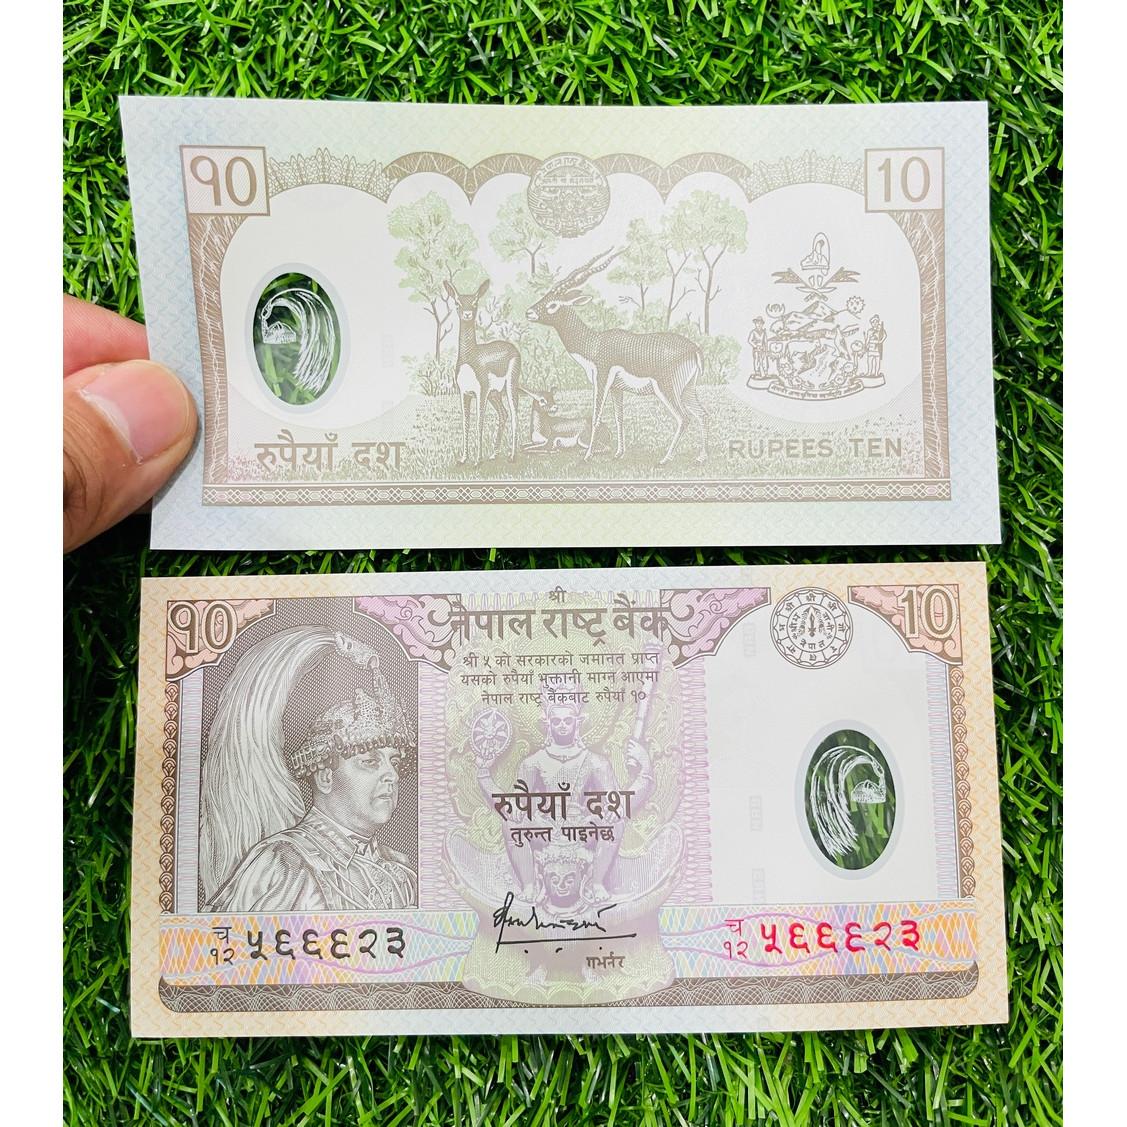 Tiền Nepal 10 Rupees, bằng Polymer, mới 100% UNC, tặng túi nilon bảo quản